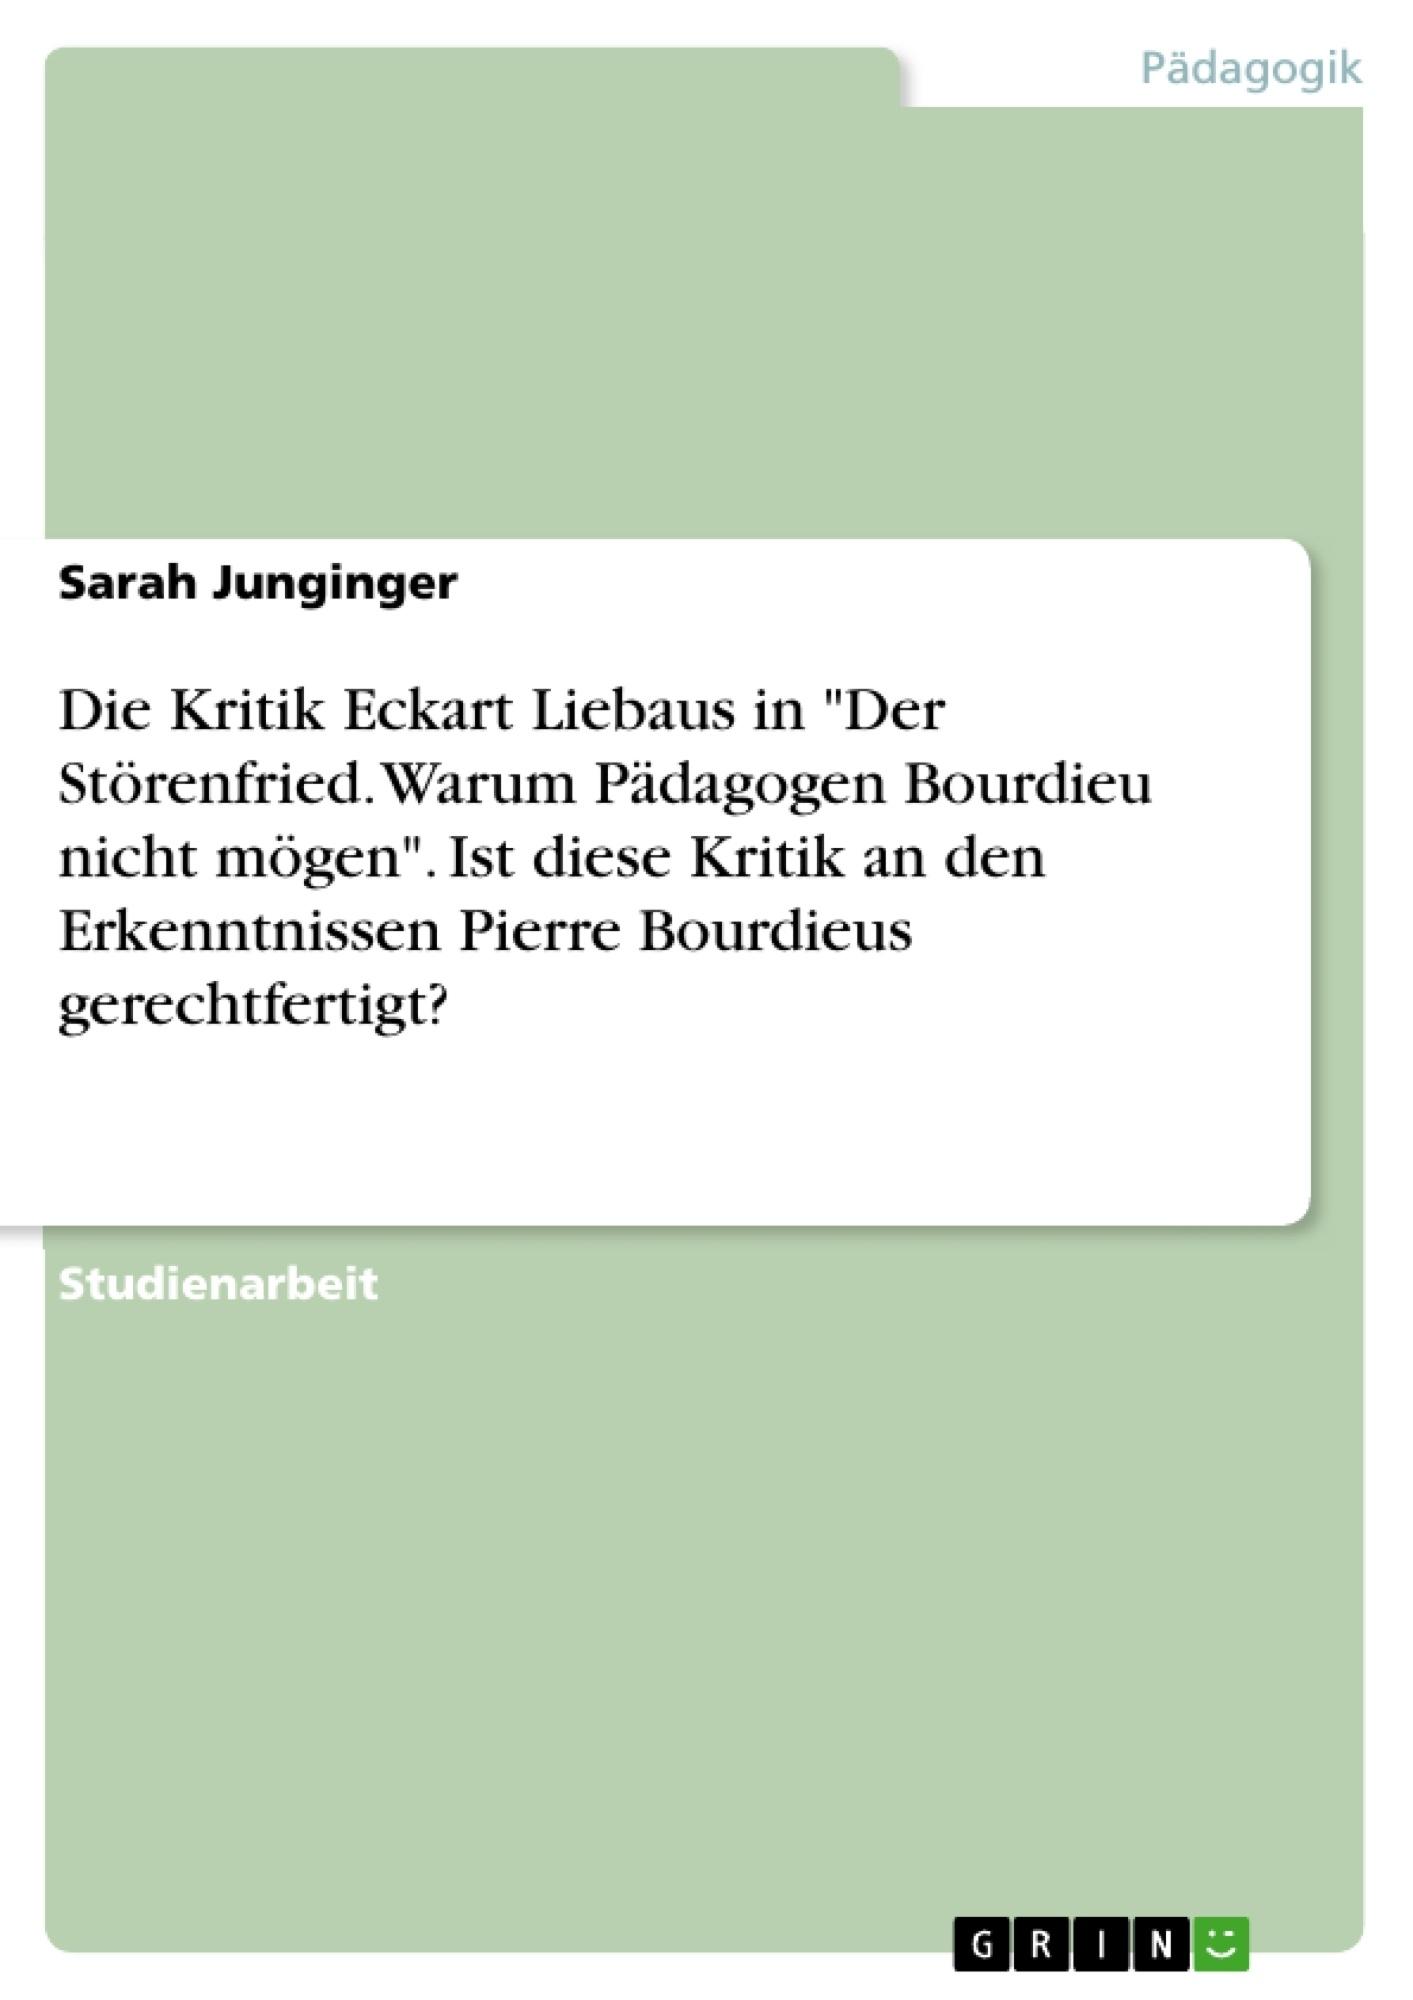 """Titel: Die Kritik Eckart Liebaus in """"Der Störenfried. Warum Pädagogen Bourdieu nicht mögen"""". Ist diese Kritik an den Erkenntnissen Pierre Bourdieus gerechtfertigt?"""